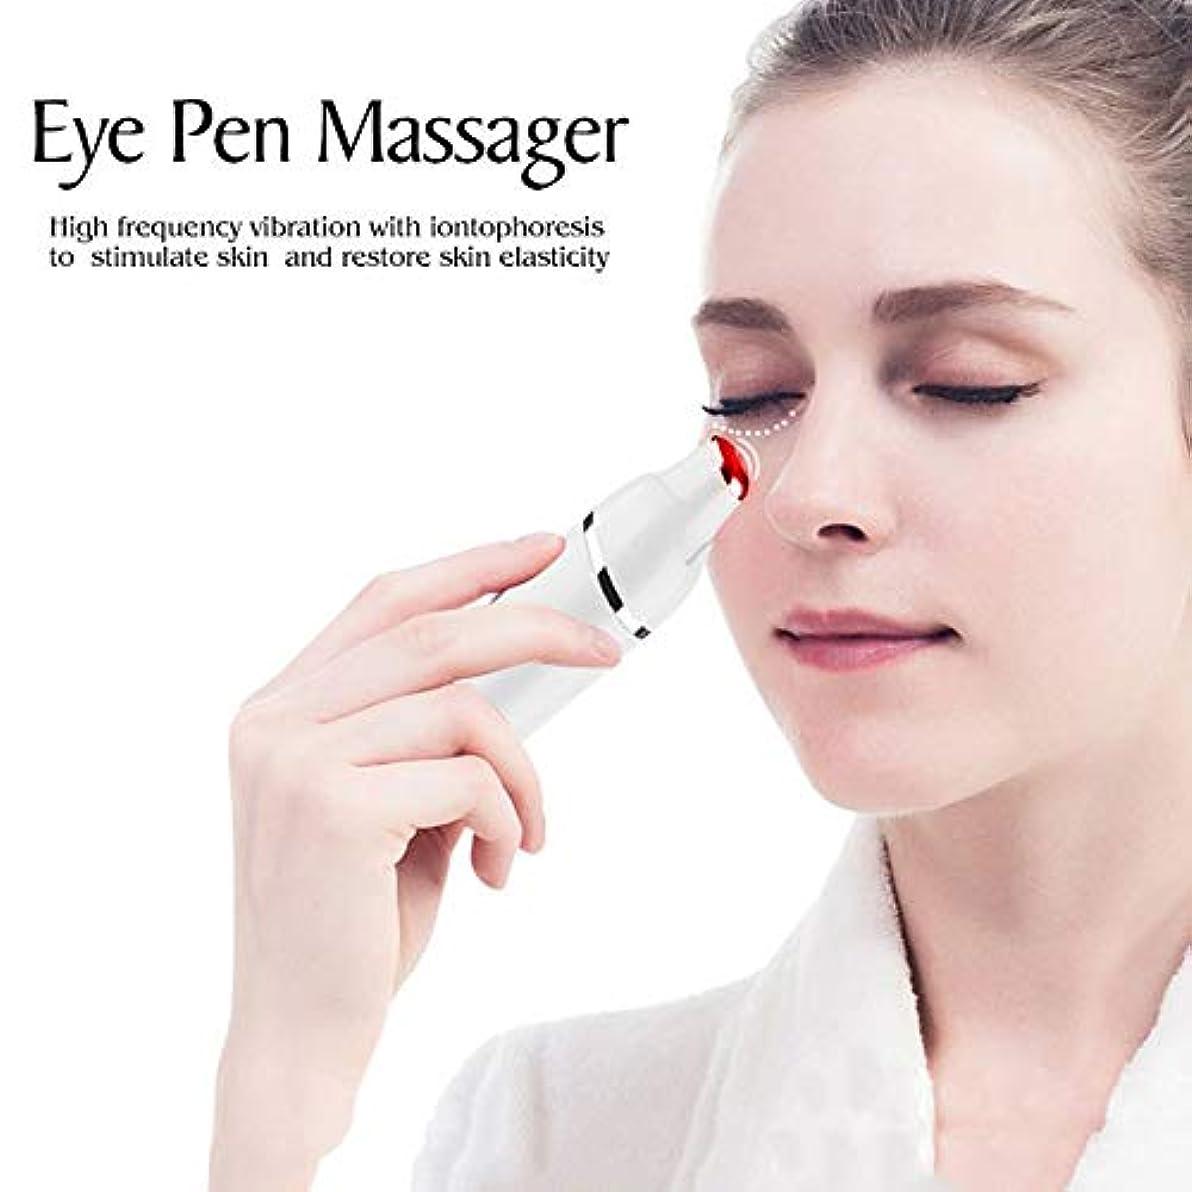 審判シェトランド諸島静脈ソニックアイマッサージャー、目の疲れのための42℃加熱治療用ワンド、アイクリームを効果的に促進するためのアニオンの輸入